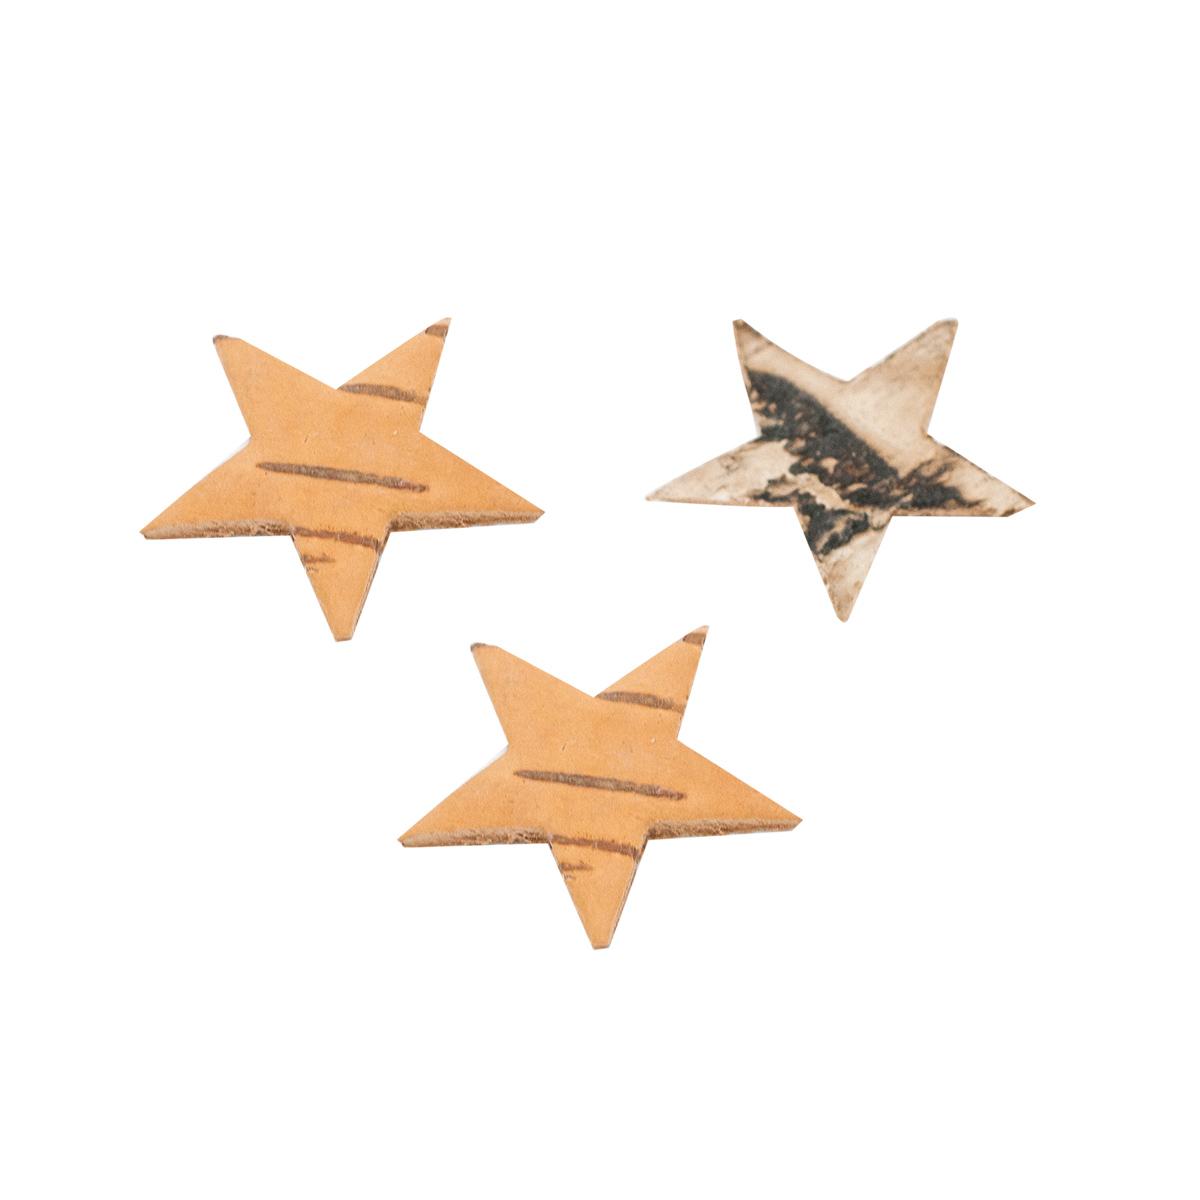 YW014 Декоративные элементы из коры дерева 'Звездочки', 4см, 30 шт/уп (отбеленный) фото